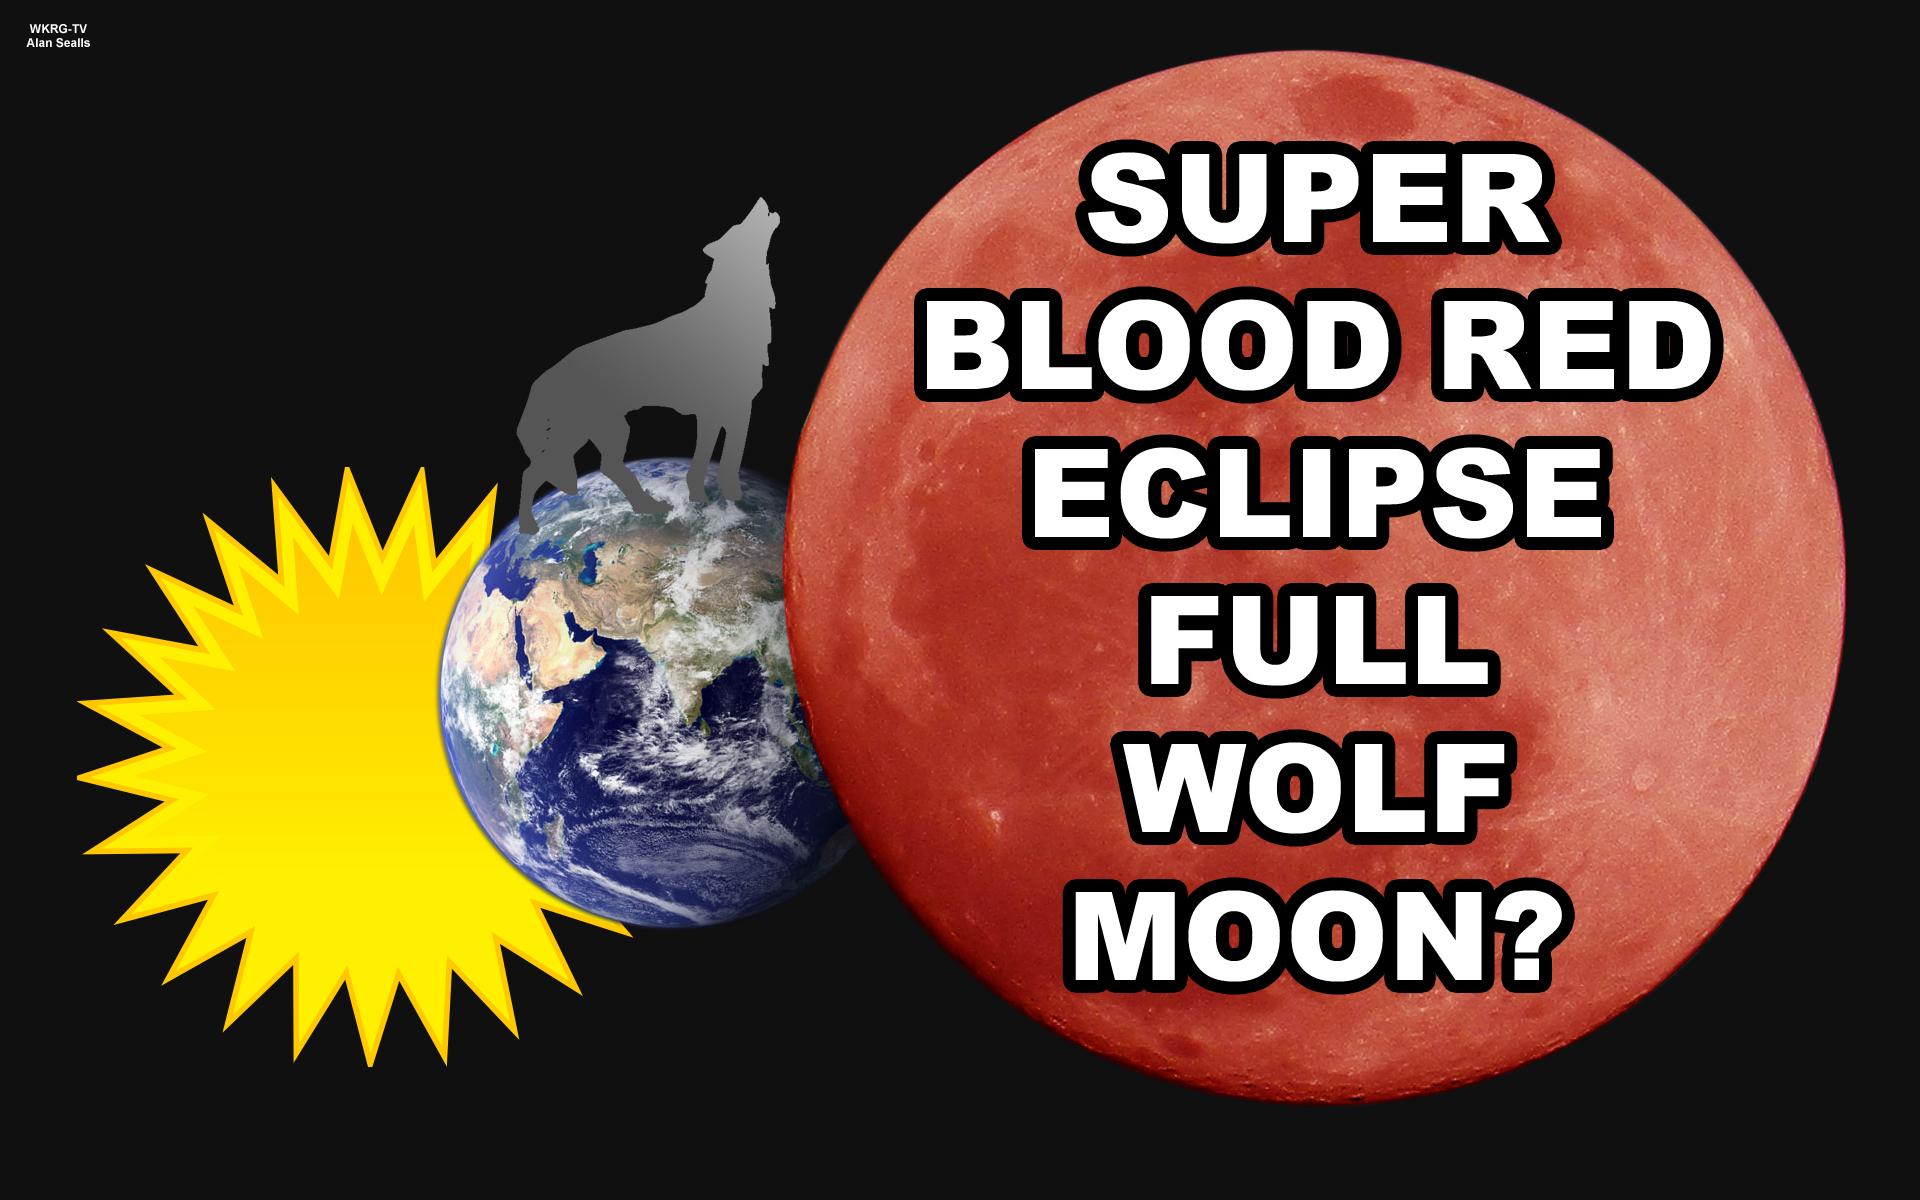 super blood wolf eclipse moon